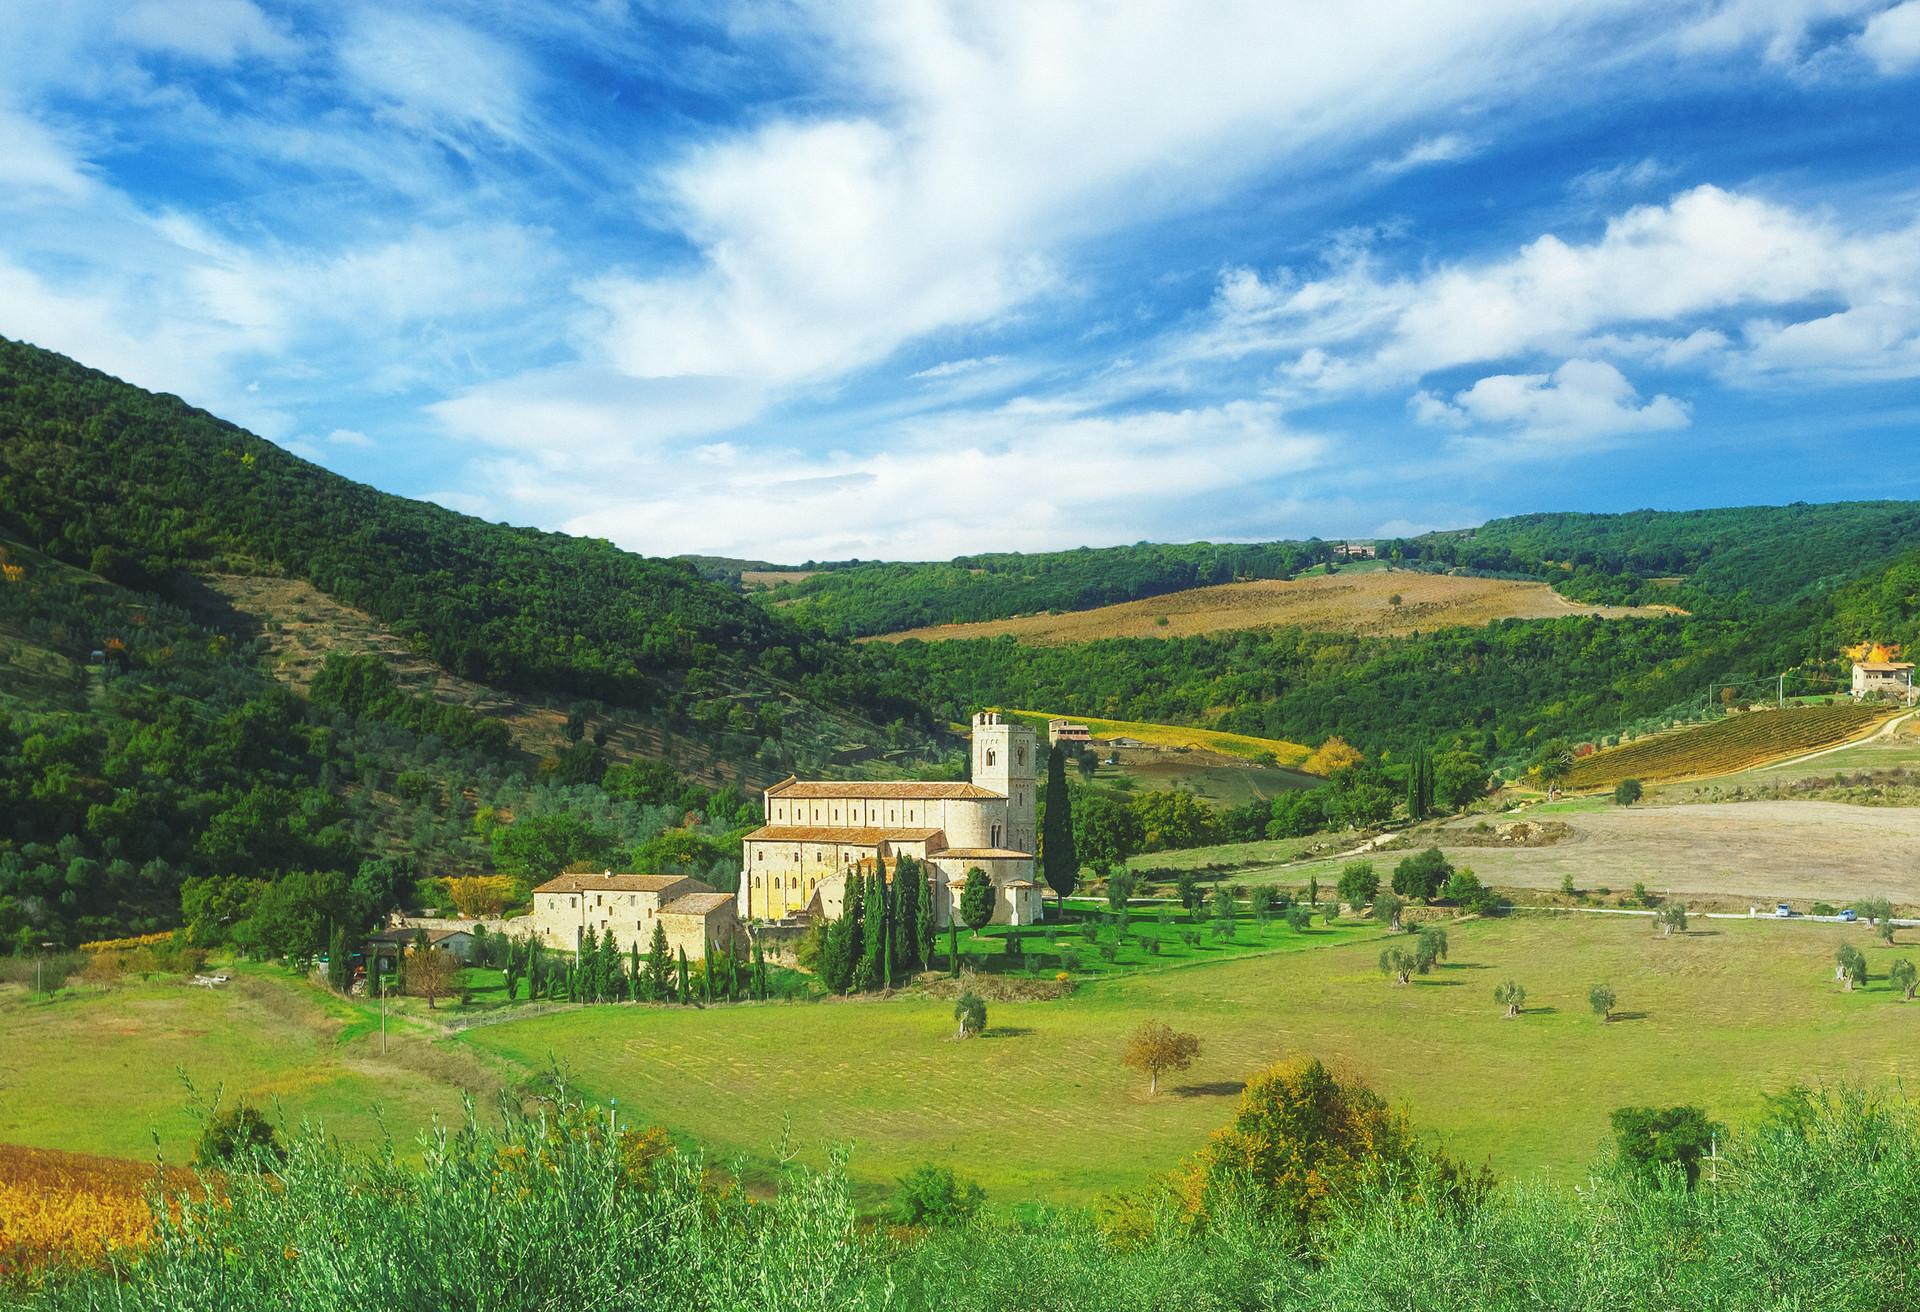 Vous voulez en savoir plus sur le chant grégorien? Rendez-vous à Abbazia di Sant'antimo